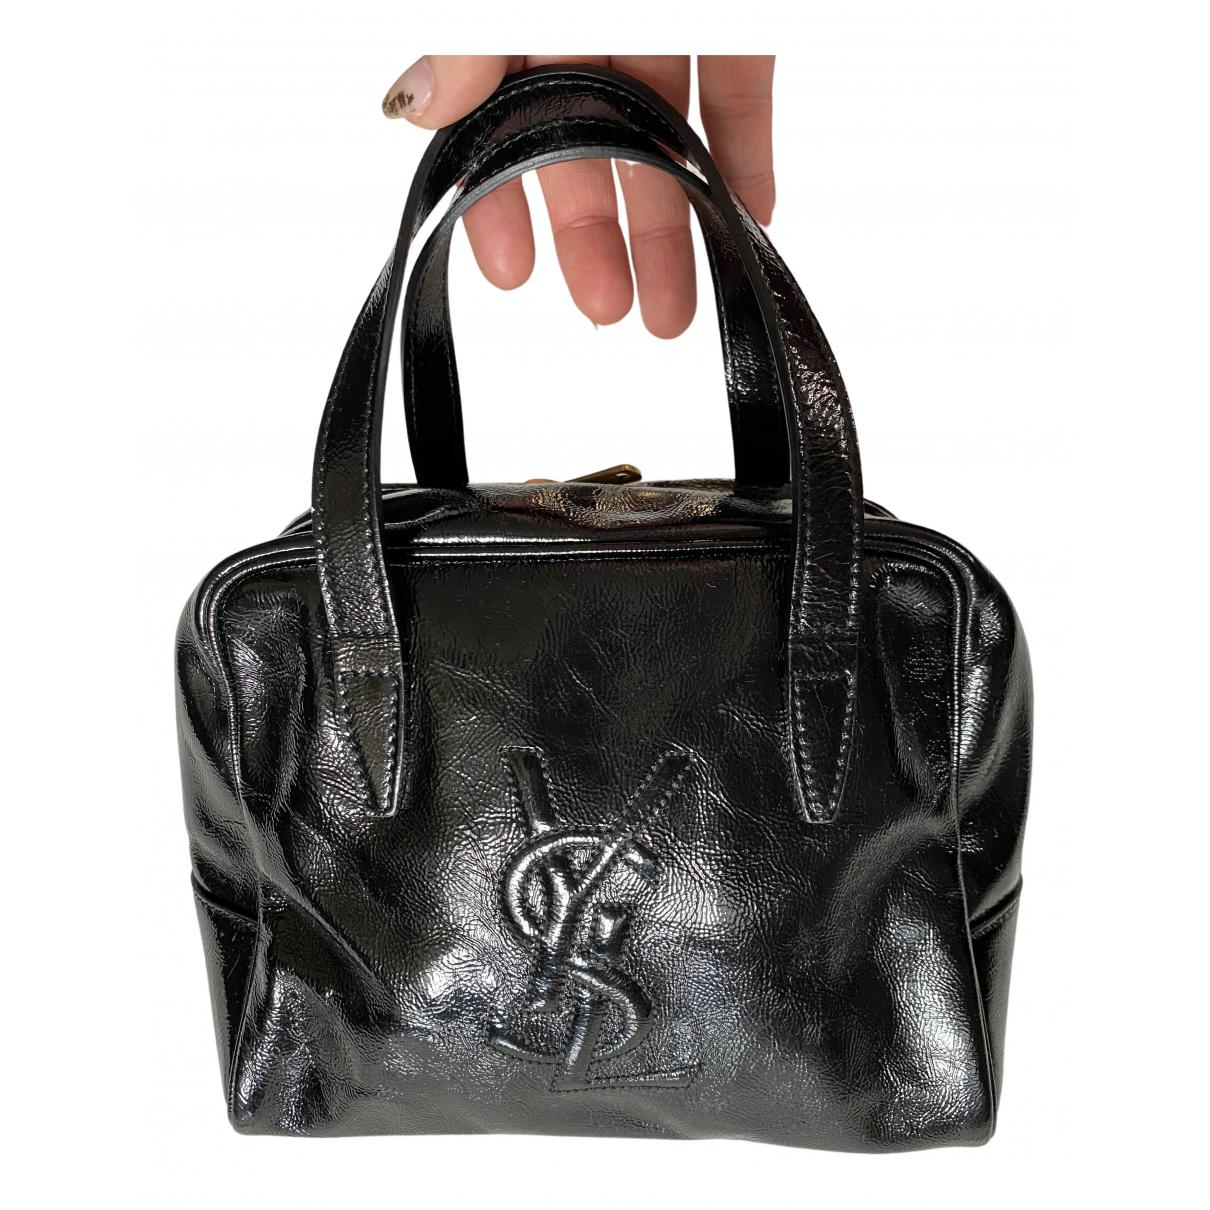 Yves Saint Laurent - Sac a main   pour femme en cuir verni - noir